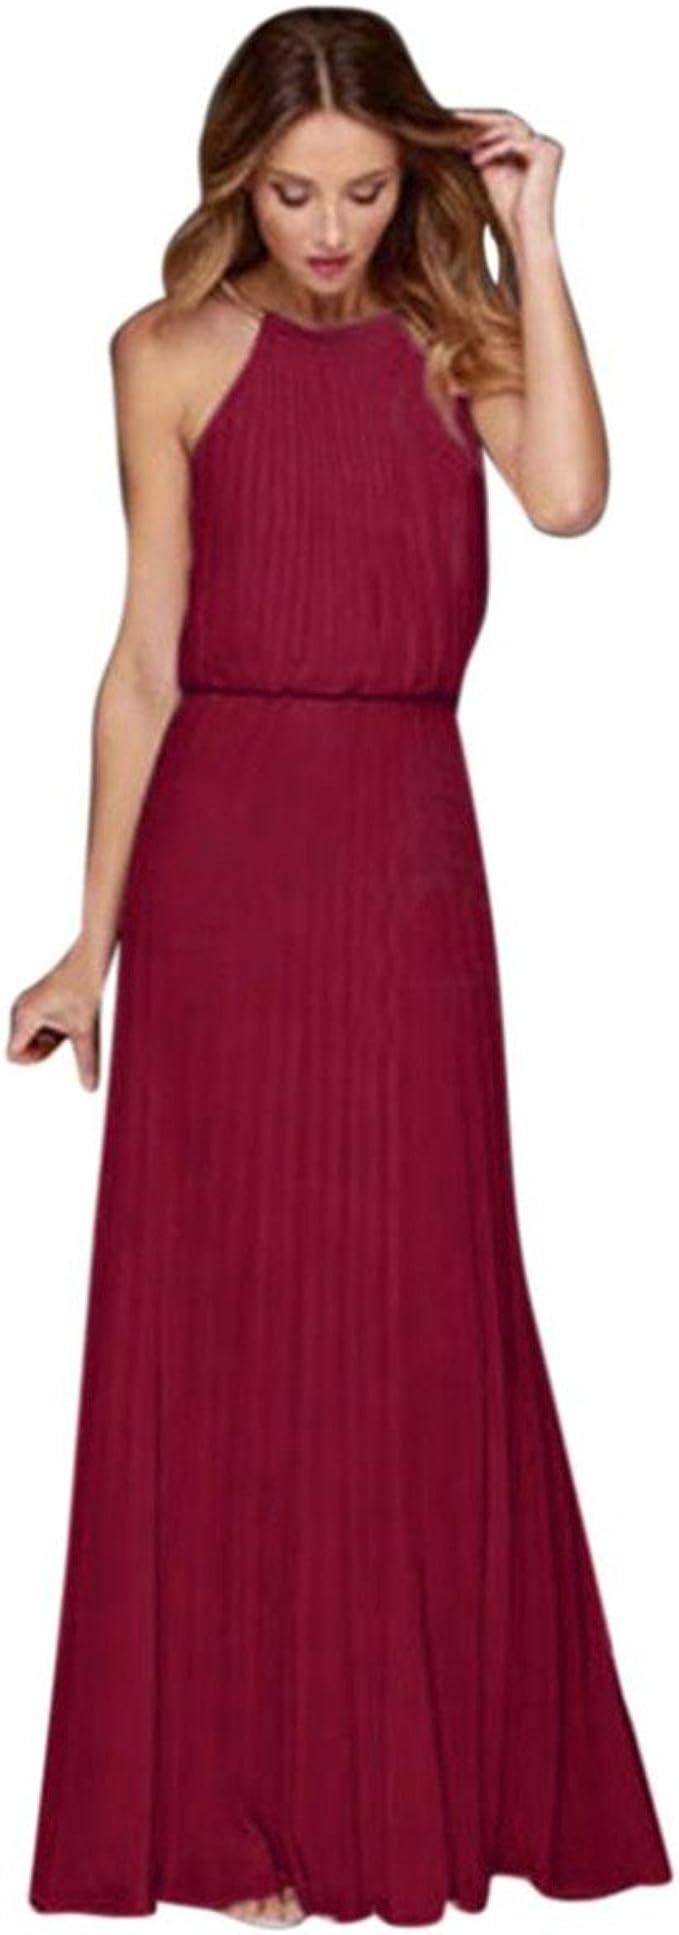 Hevoiok Damen Cocktailkleid Elegant Chiffon Neckholder Solide Abendkleid  Sexy Ärmellos Faltenrock Lang Kleid